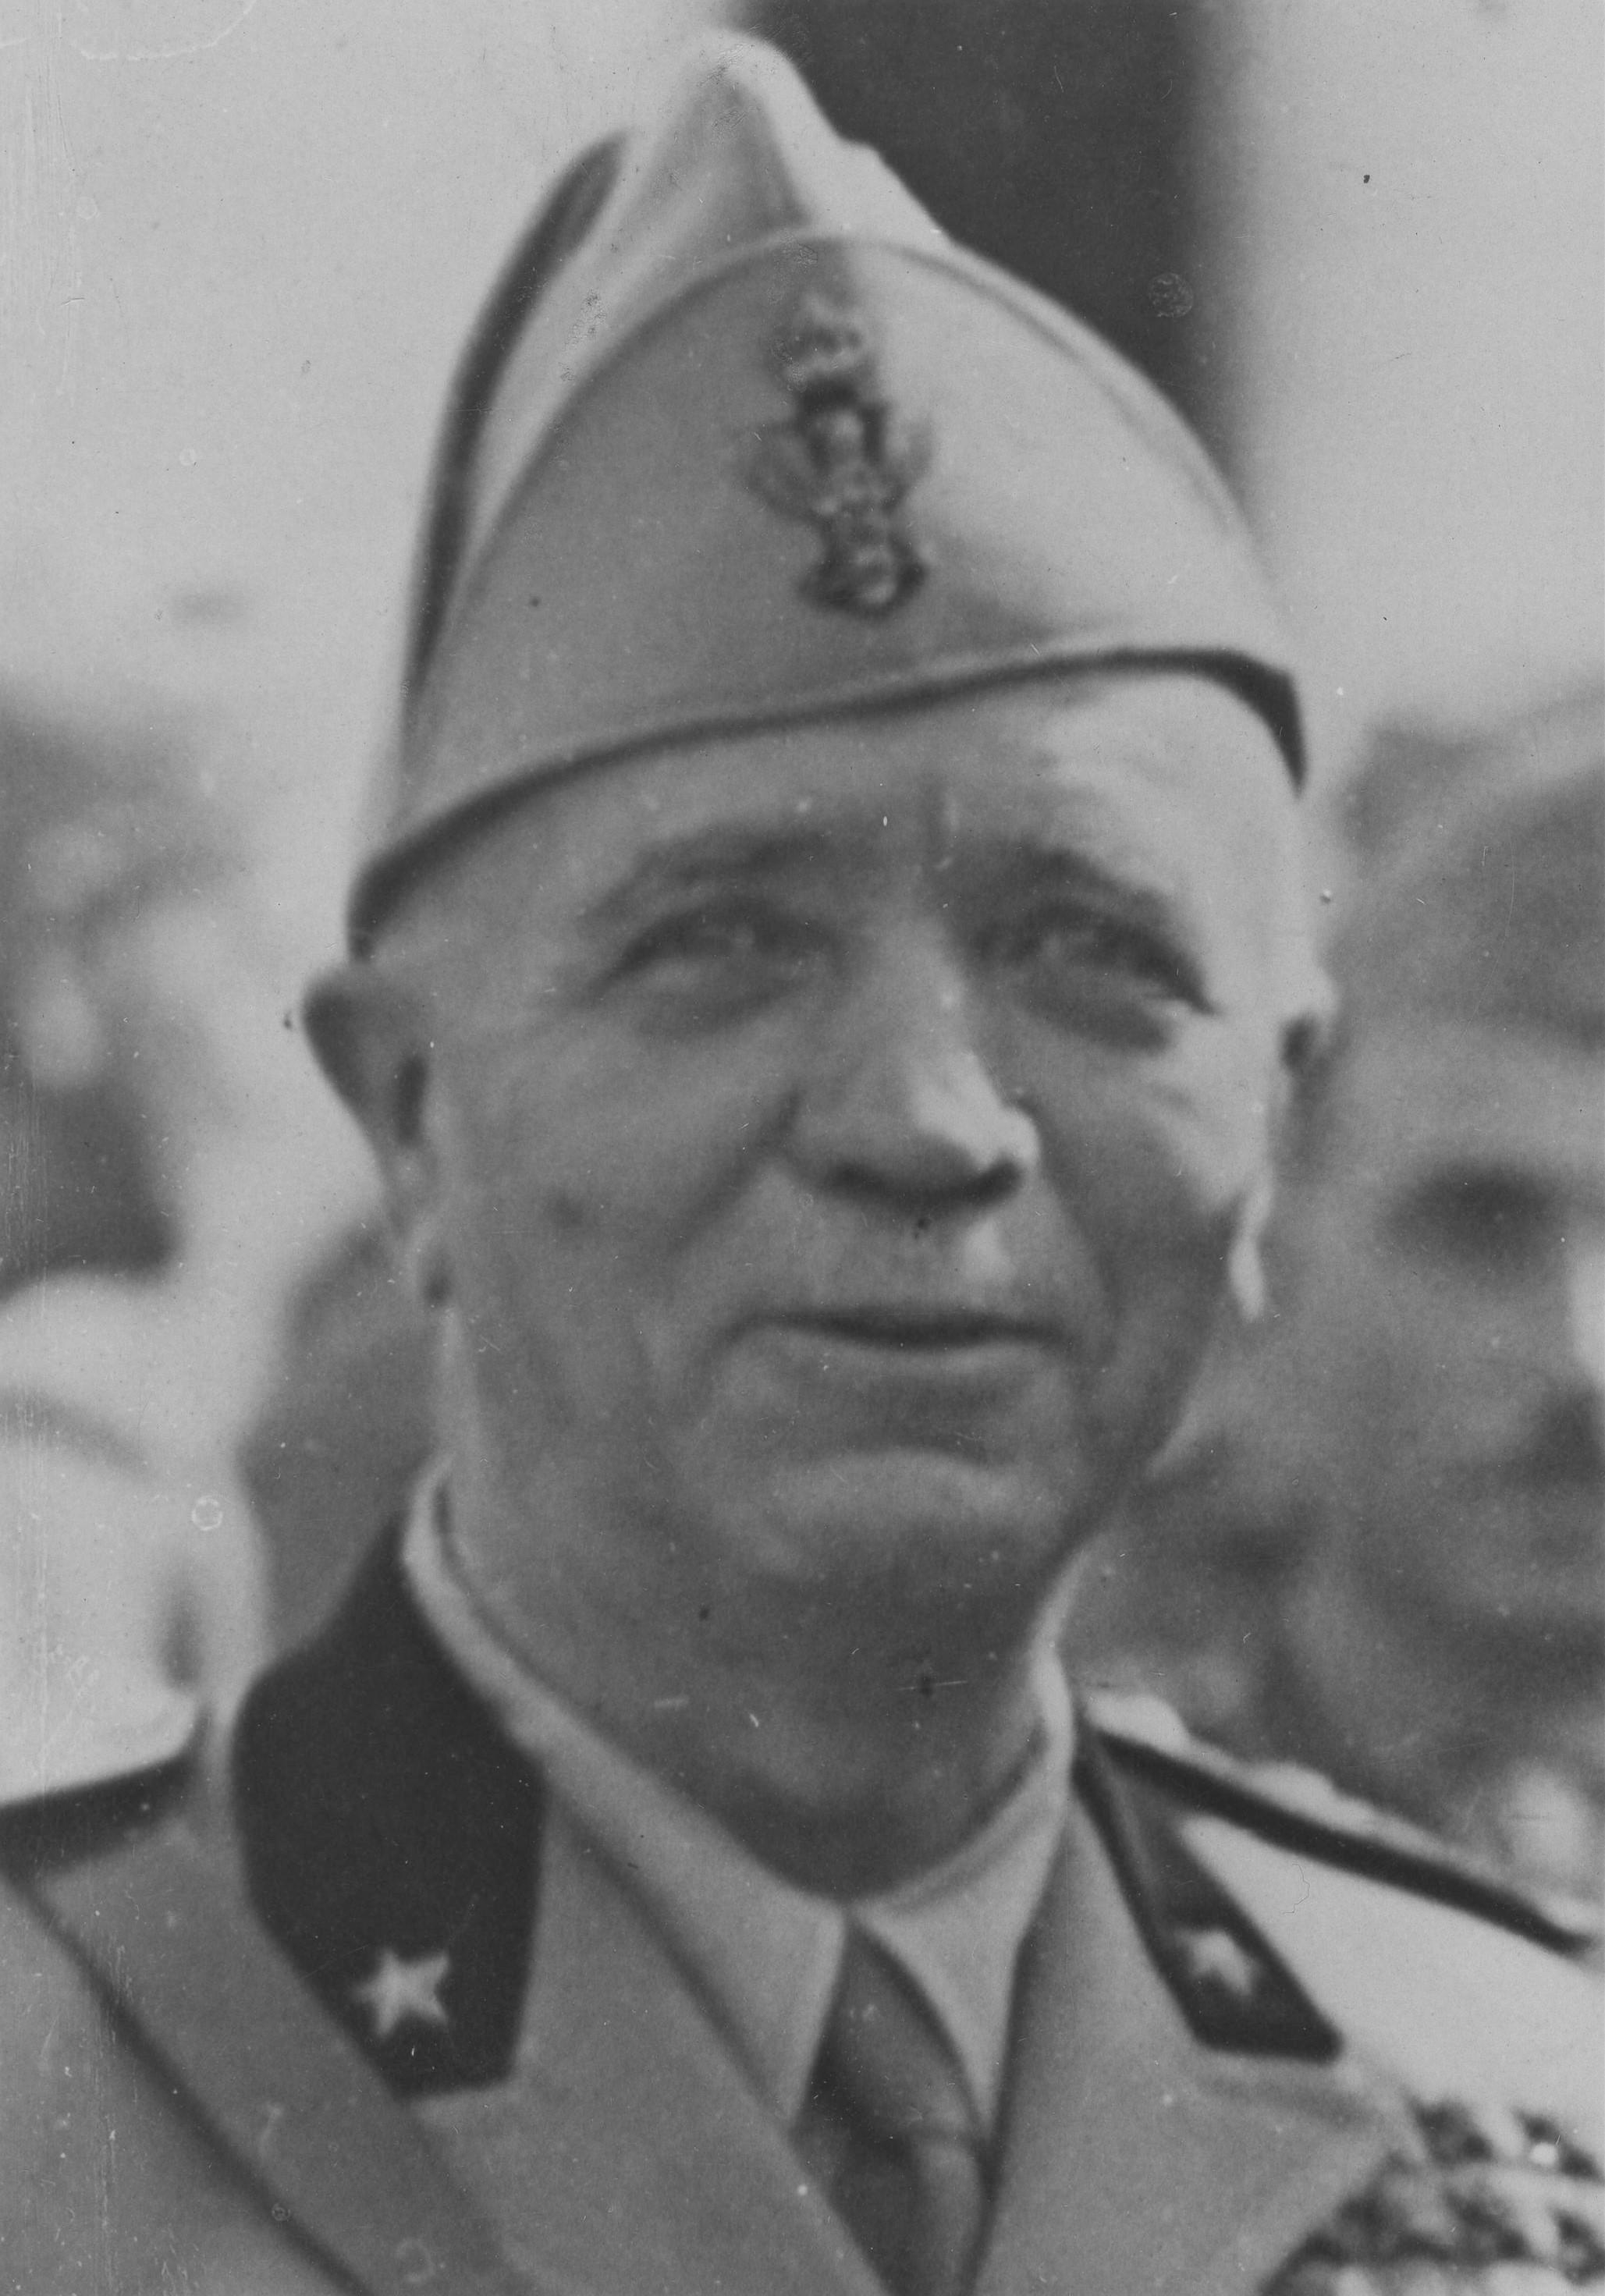 Proclama Badoglio dell'8 settembre 1943 - Wikipedia